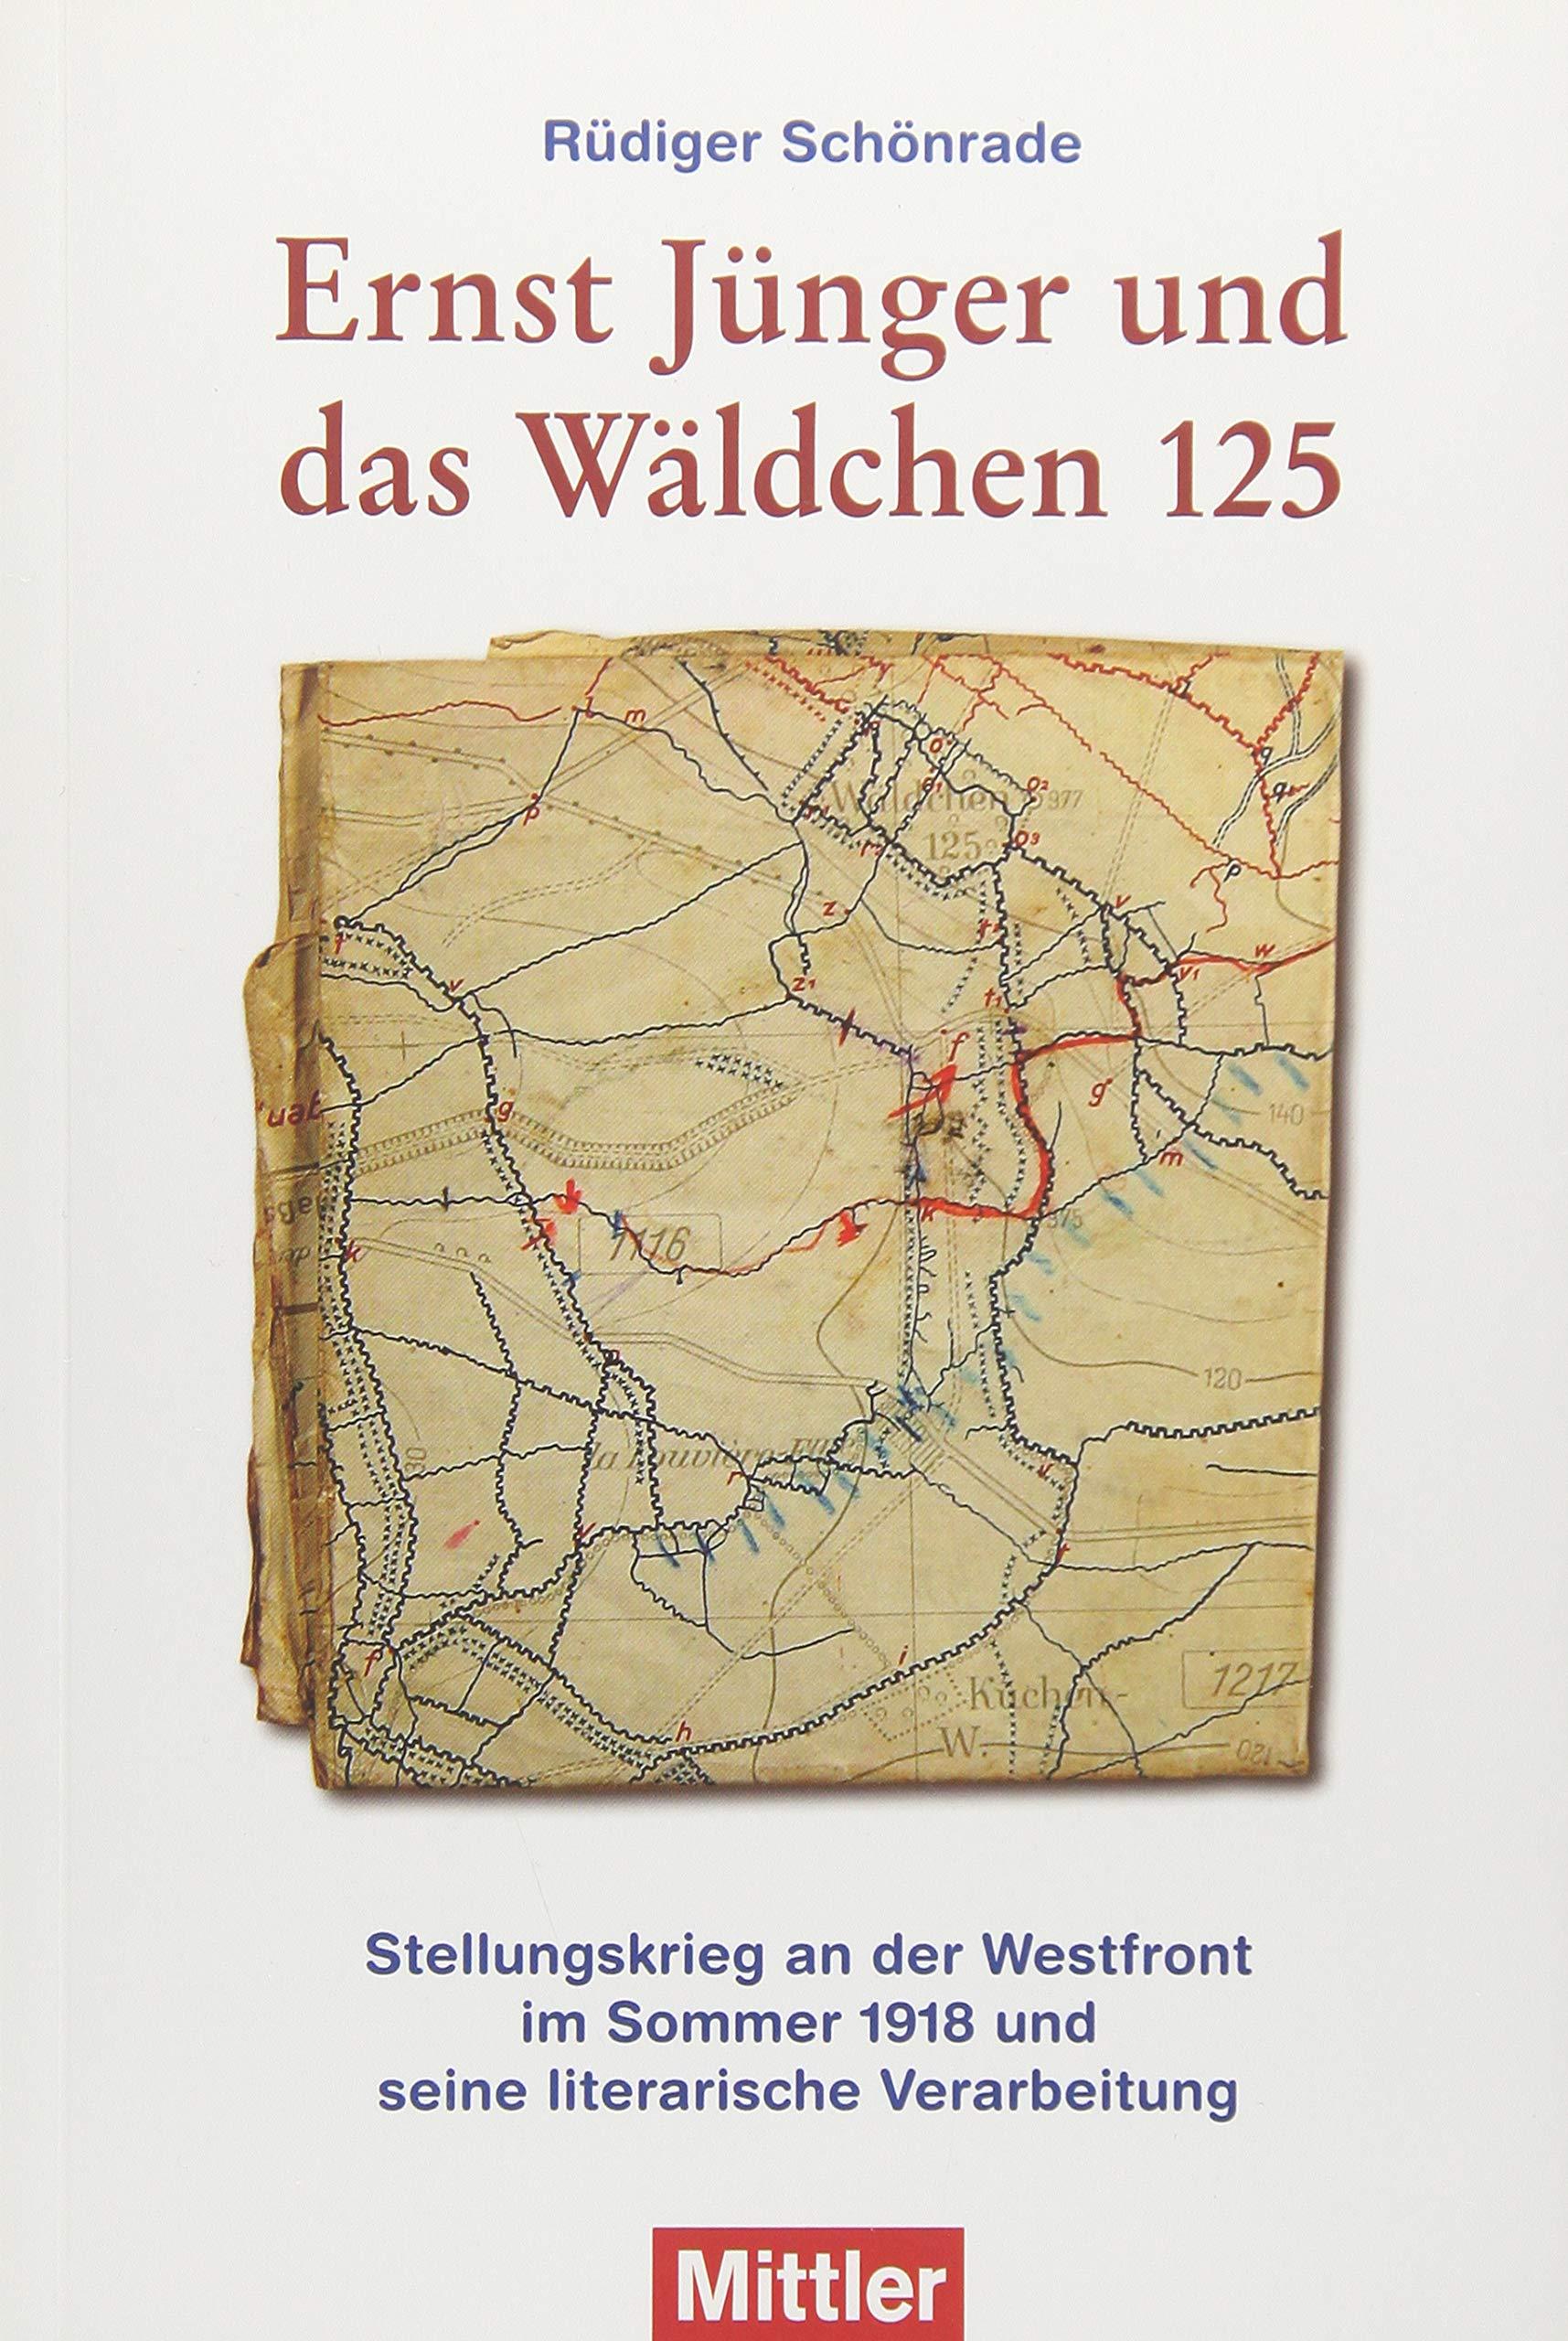 Westfront 1 Weltkrieg Karte.Ernst Junger Und Das Waldchen 125 Stellungskrieg An Der